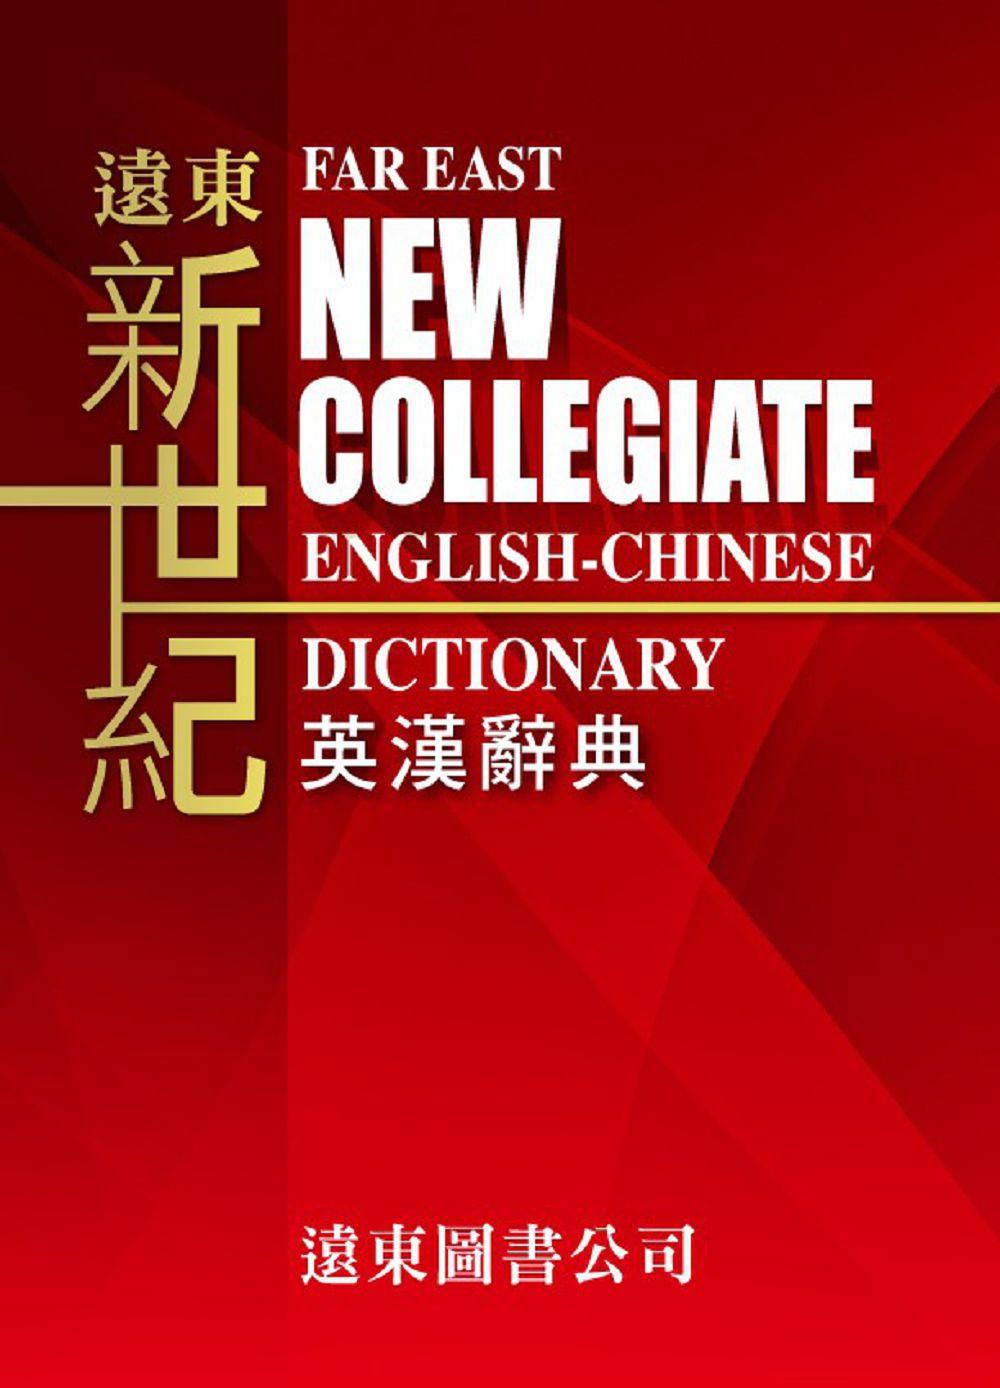 遠東新世紀英漢辭典+遠東英漢百科大辭典(Windows X 版) (一年授權)(二版)